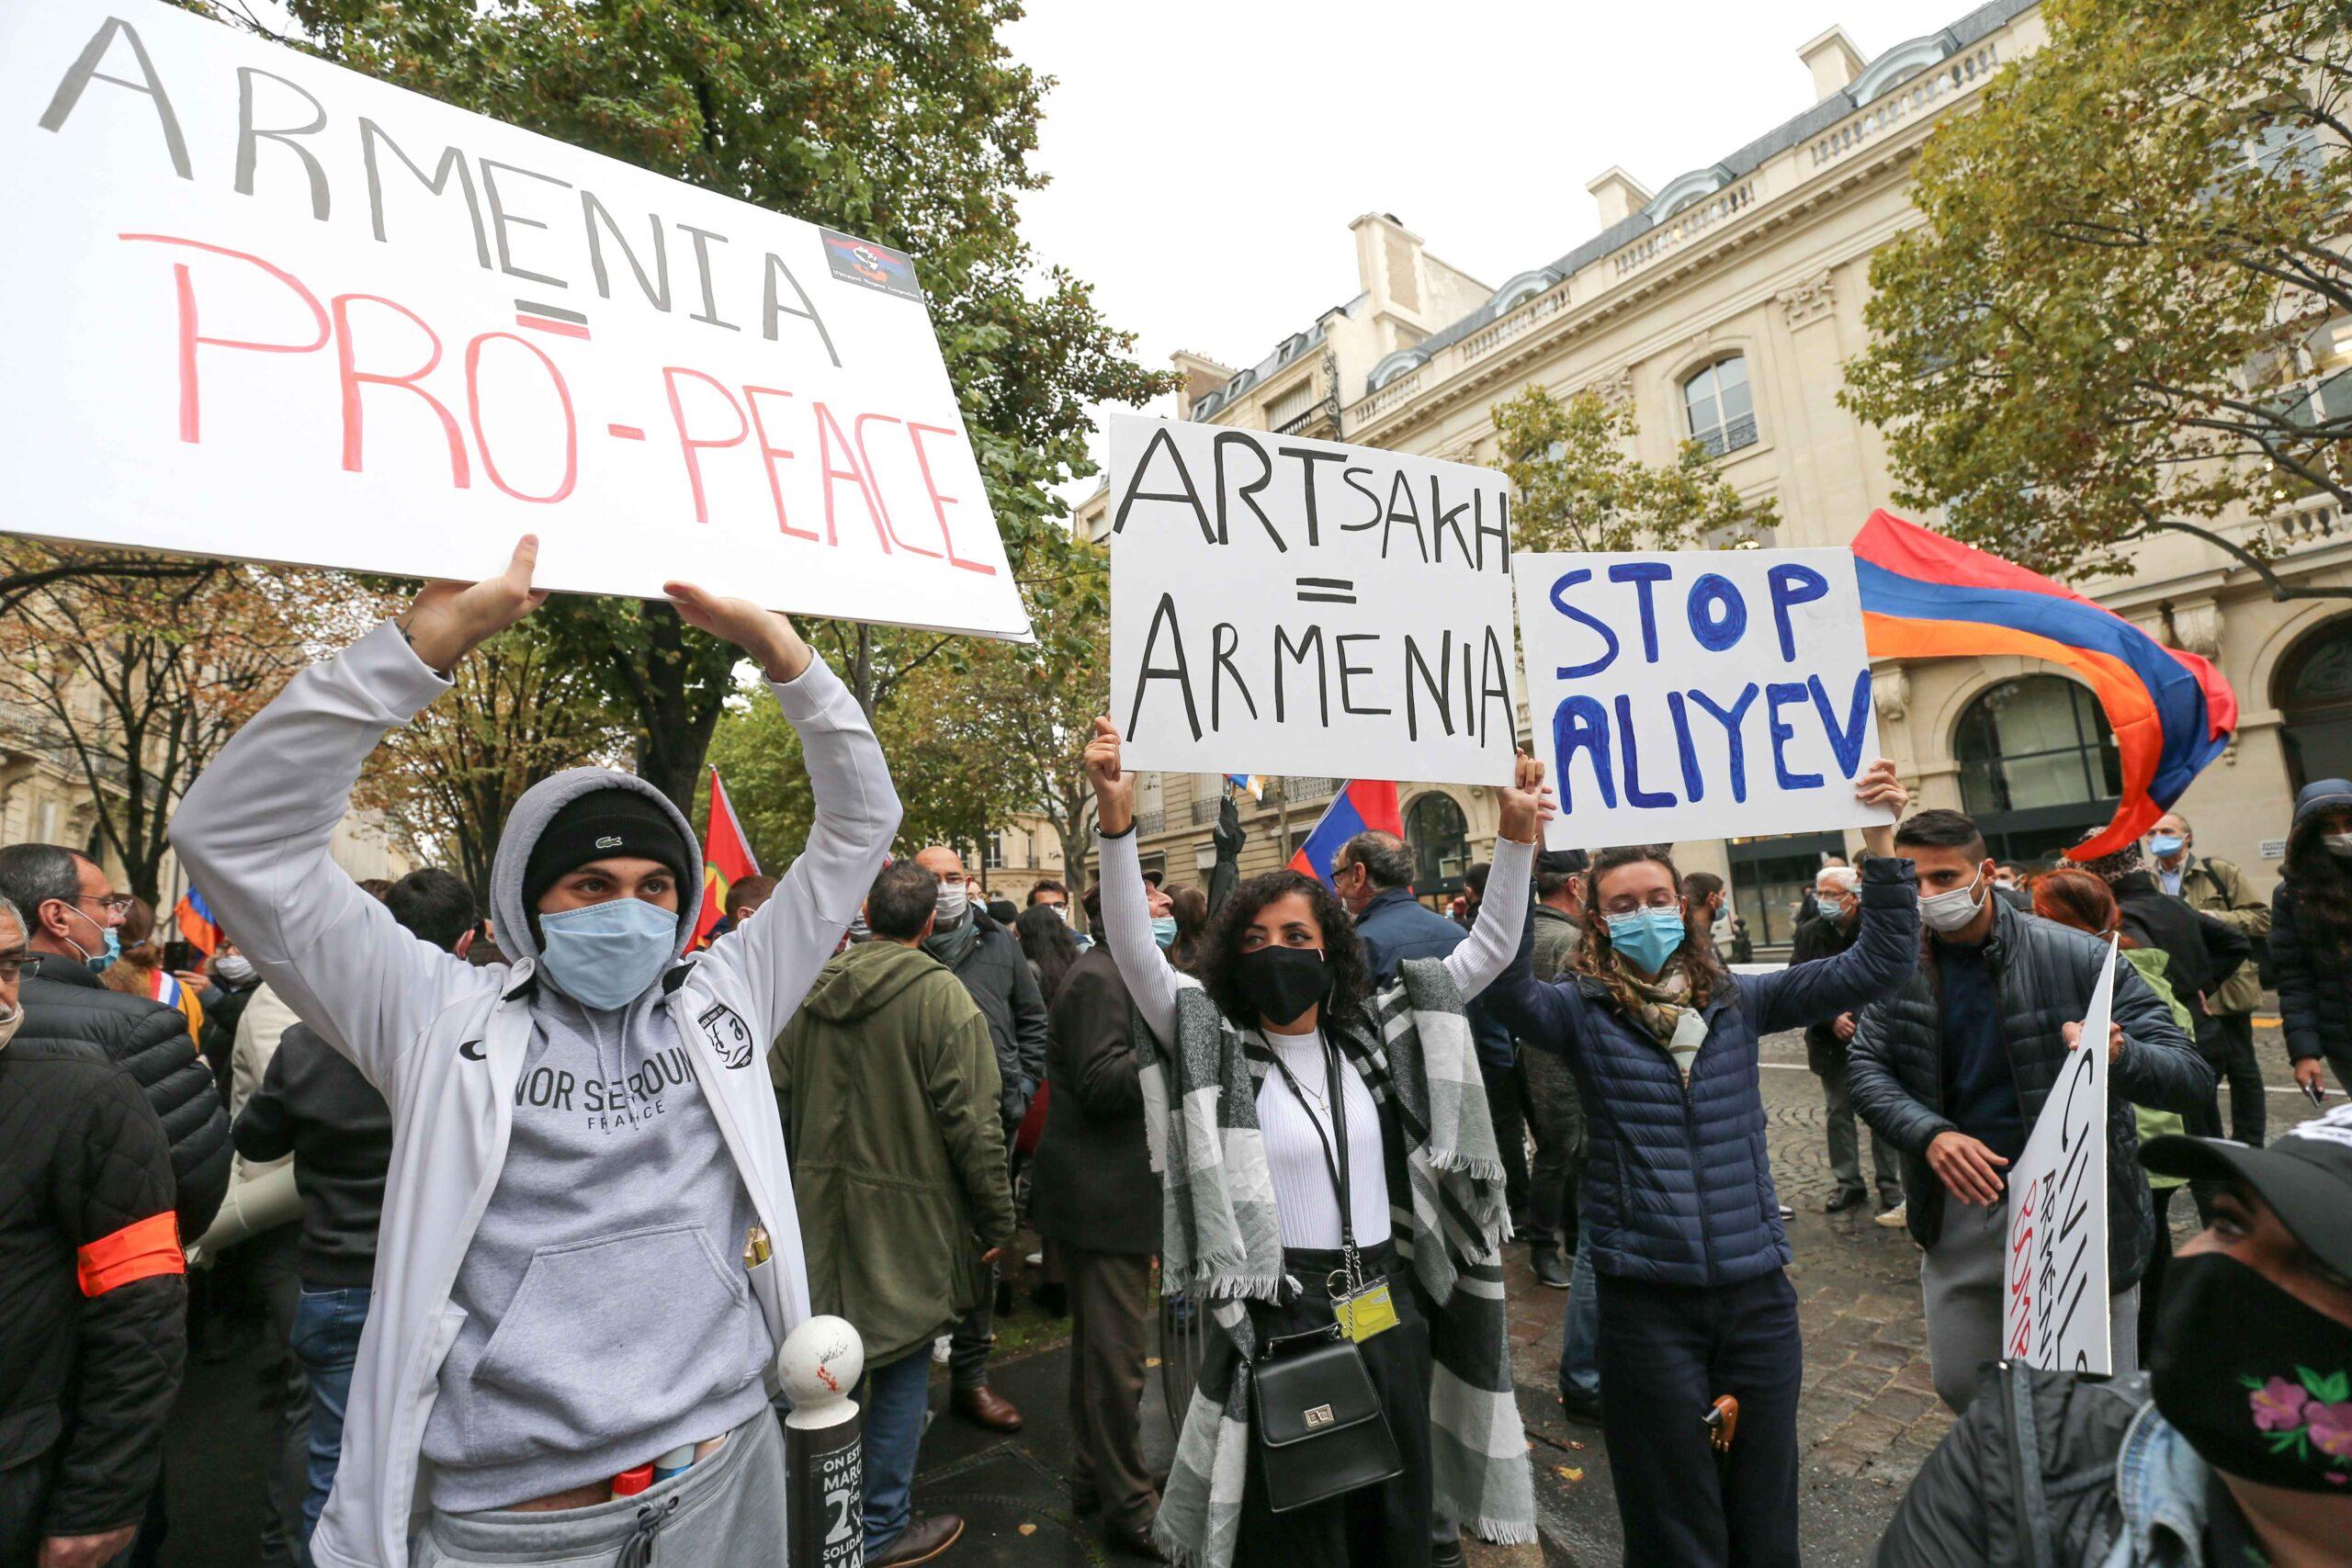 Des femmes tiennent des pancartes lors d'une manifestation d'Arméniens. © Michel Stoupak. Mar 29.09.2020, 17h11m00.